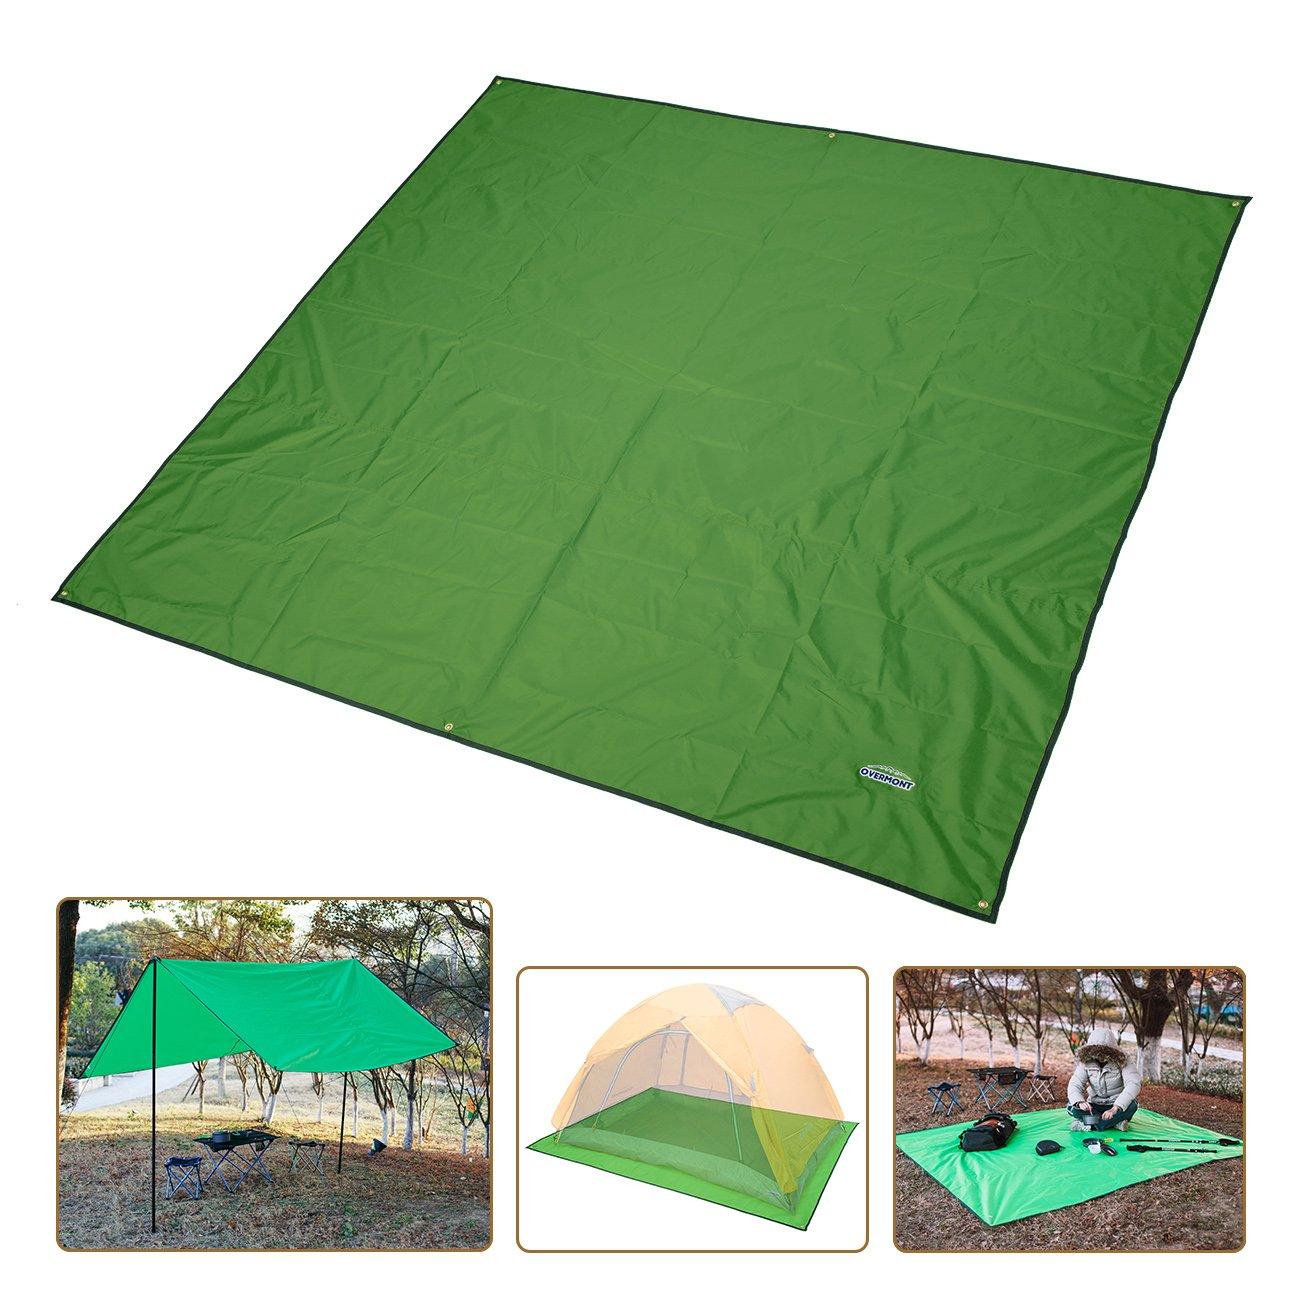 Overmont Toldo Estera Alfombrilla Manta Impermeable Plegable de Lona para Tienda de campa/ña Camping Picnic Playa Senderismo al Aire Libre con Bolsa Azul//Verde//Naranja